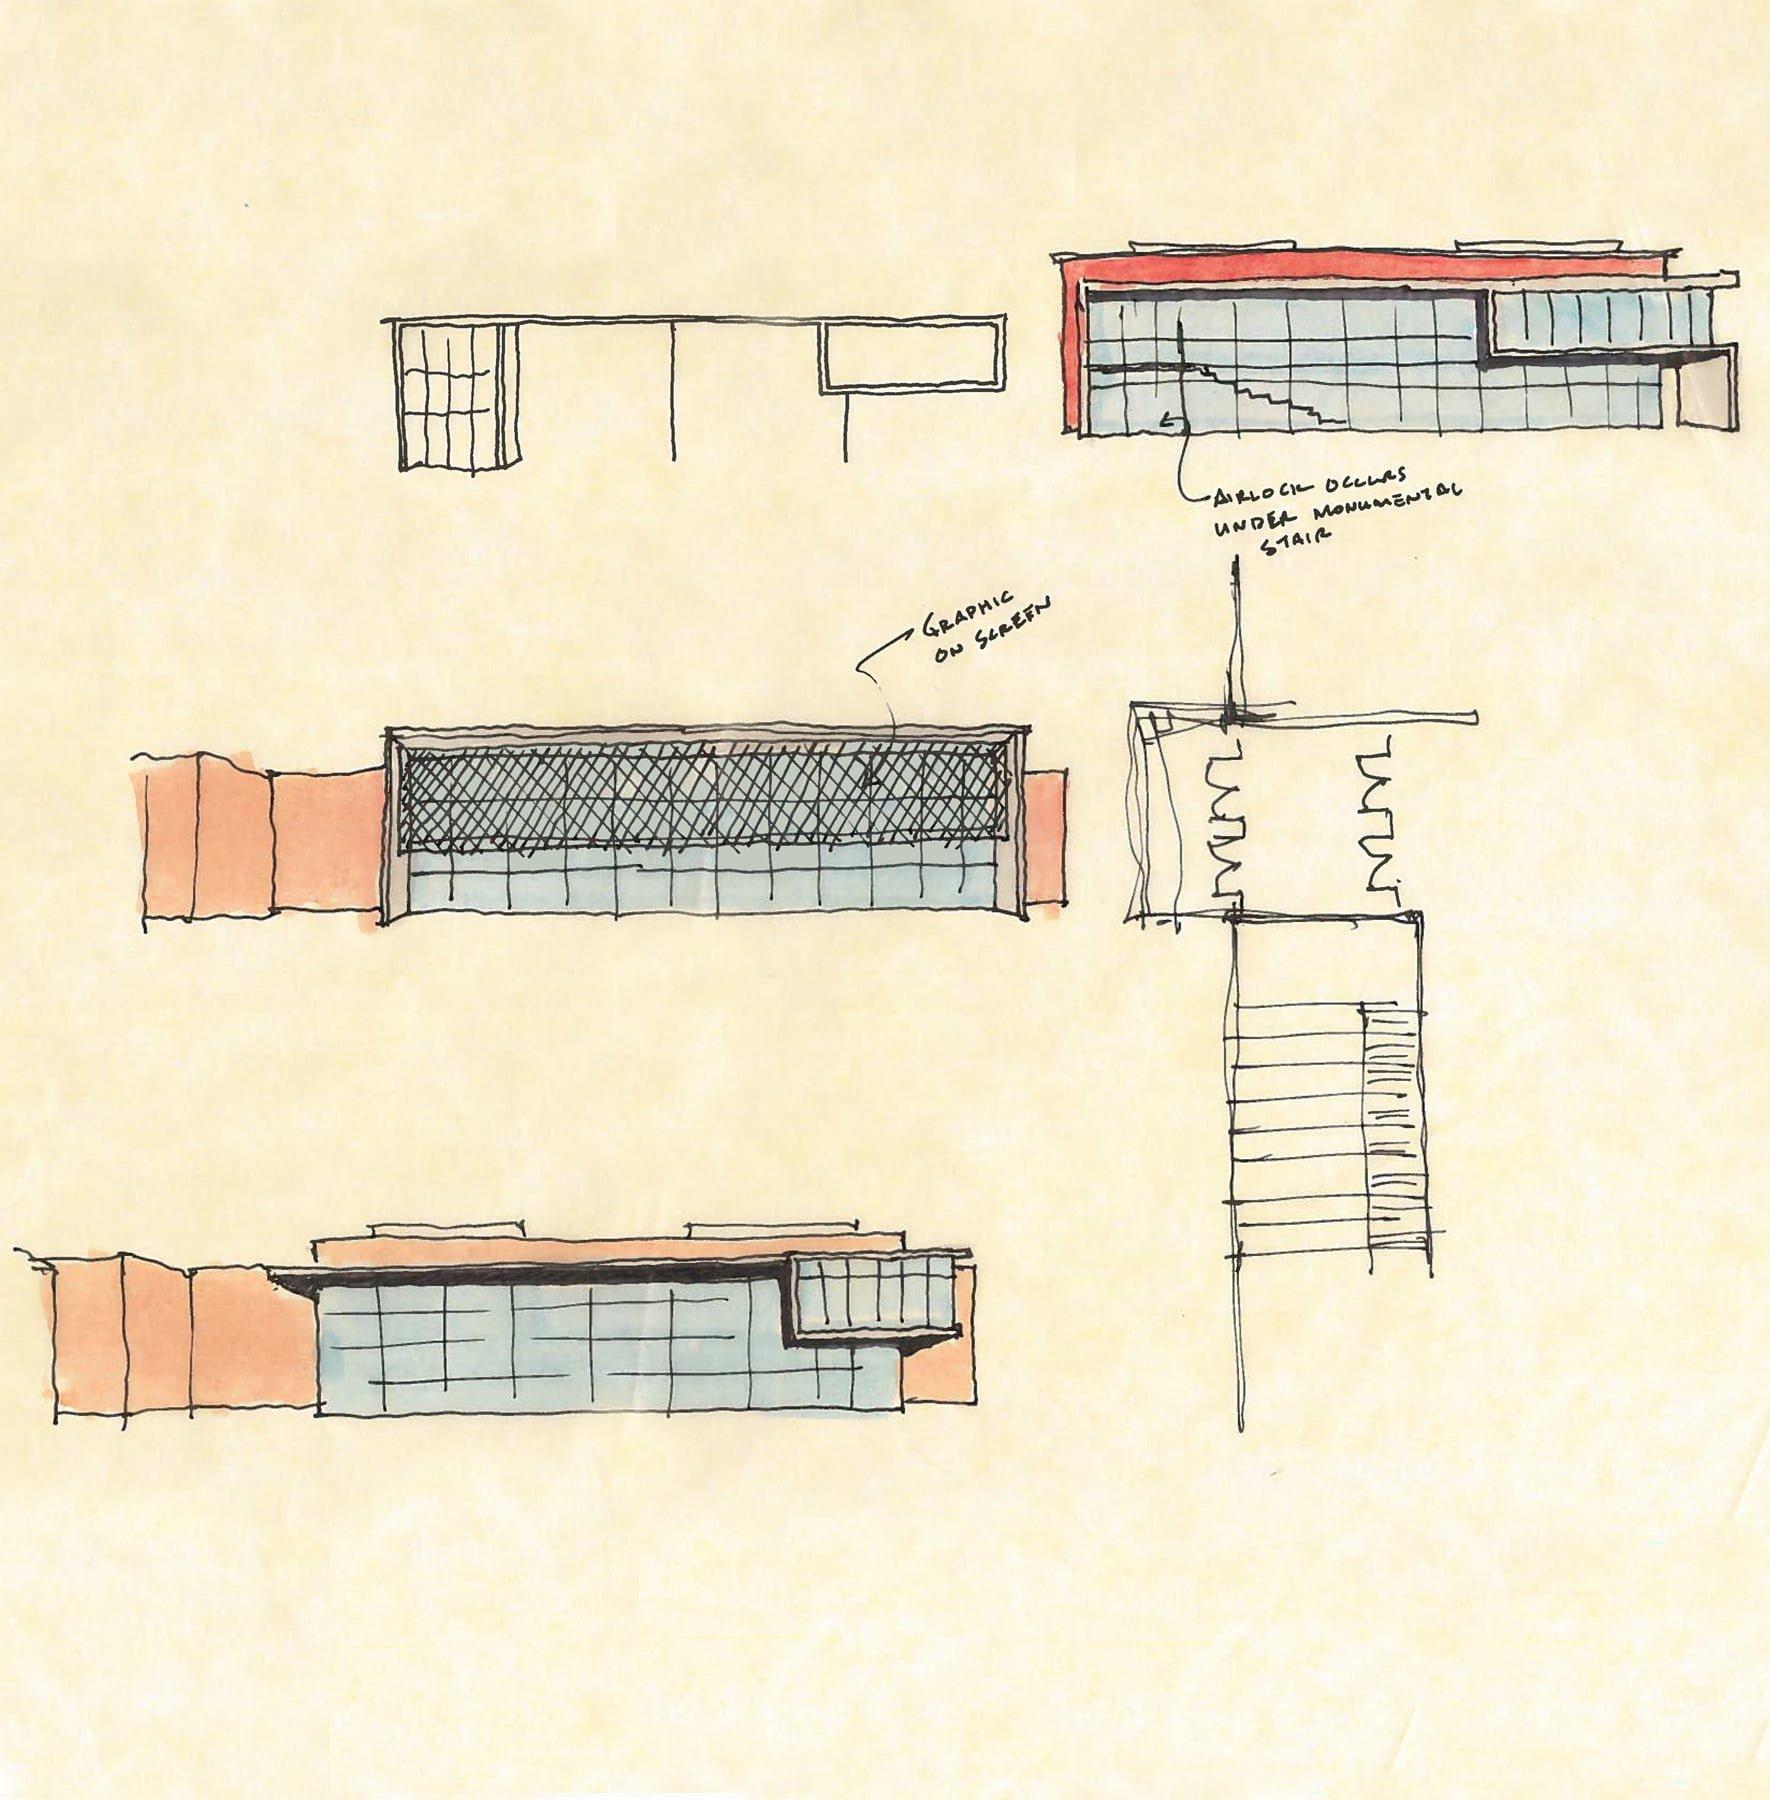 Morton Hall Color Sketch (1770x1800)